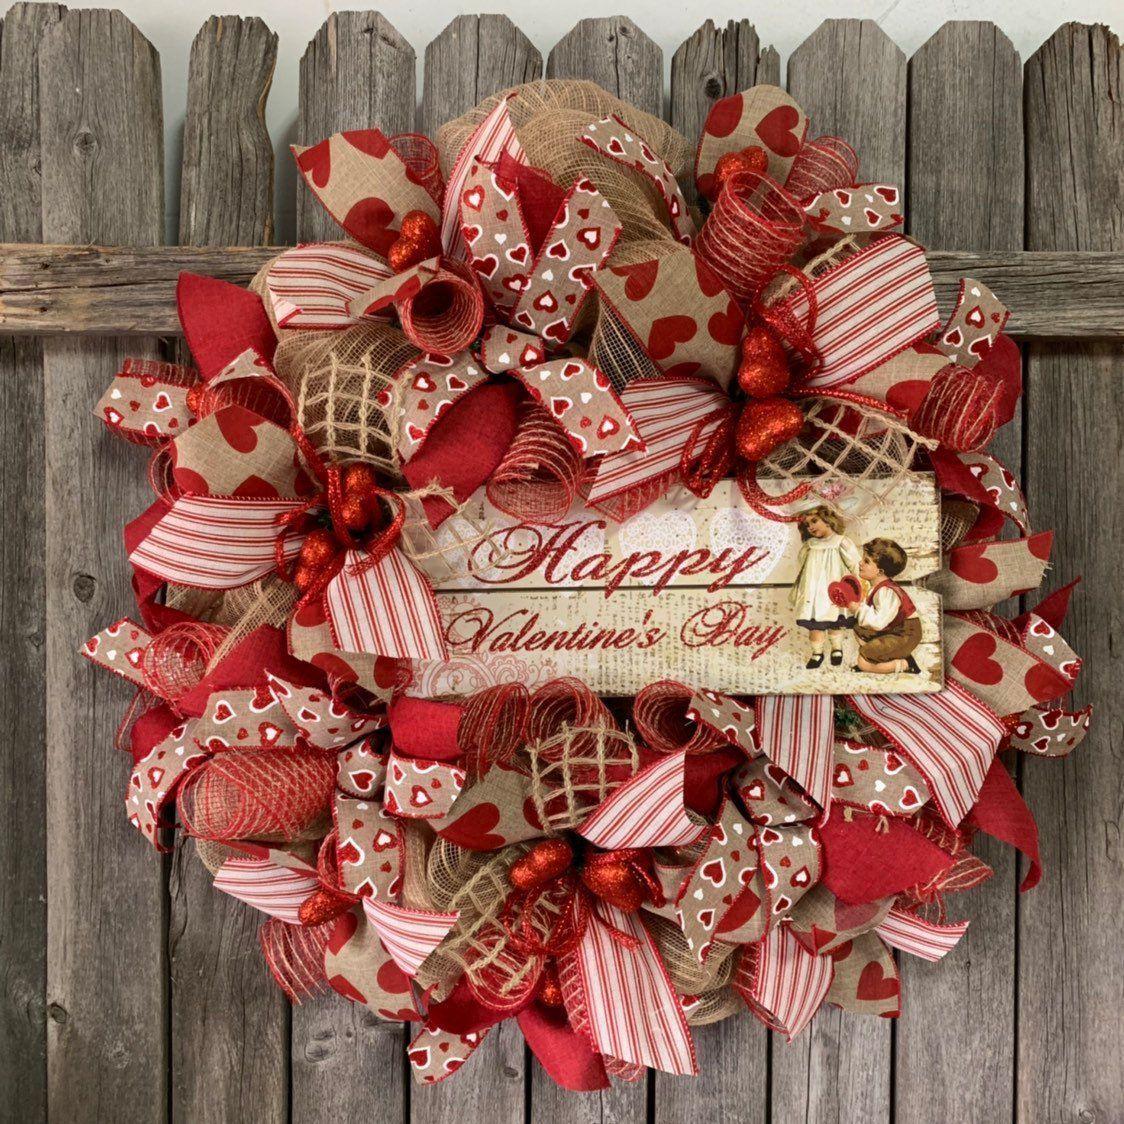 Happy Valentines Day Kranz - Valentinstag Kranz - Valentinstag Kranz - Red De ... #valentinesdaydecorations